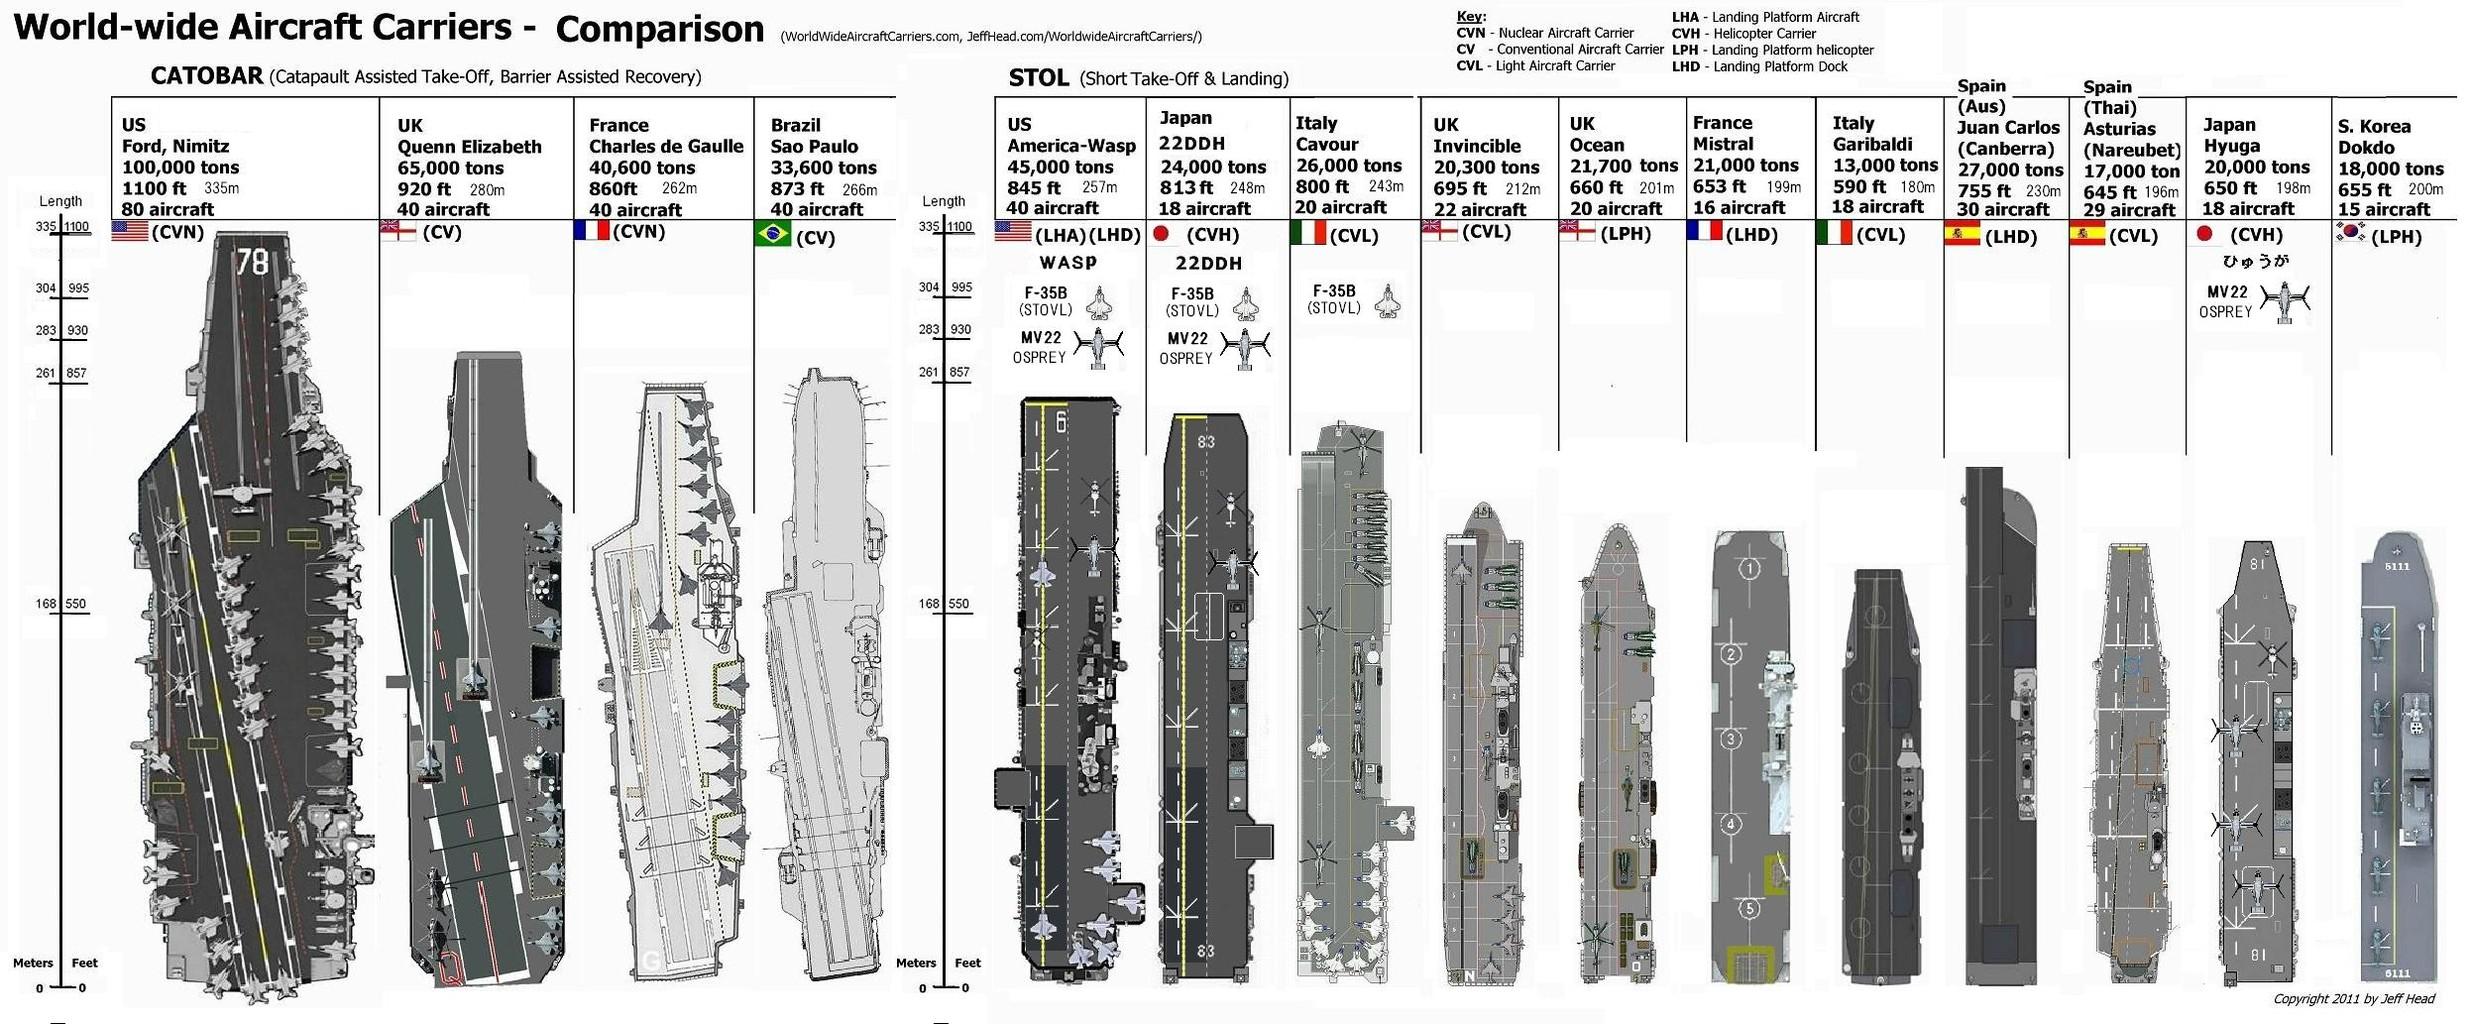 【軍事】フランス海軍の強襲揚陸艦「ミストラル」が佐世保基地に入港 日本、英国、米国の部隊を乗せ初の4カ国共同訓練へ ★6 [無断転載禁止]©2ch.netYouTube動画>4本 ->画像>106枚